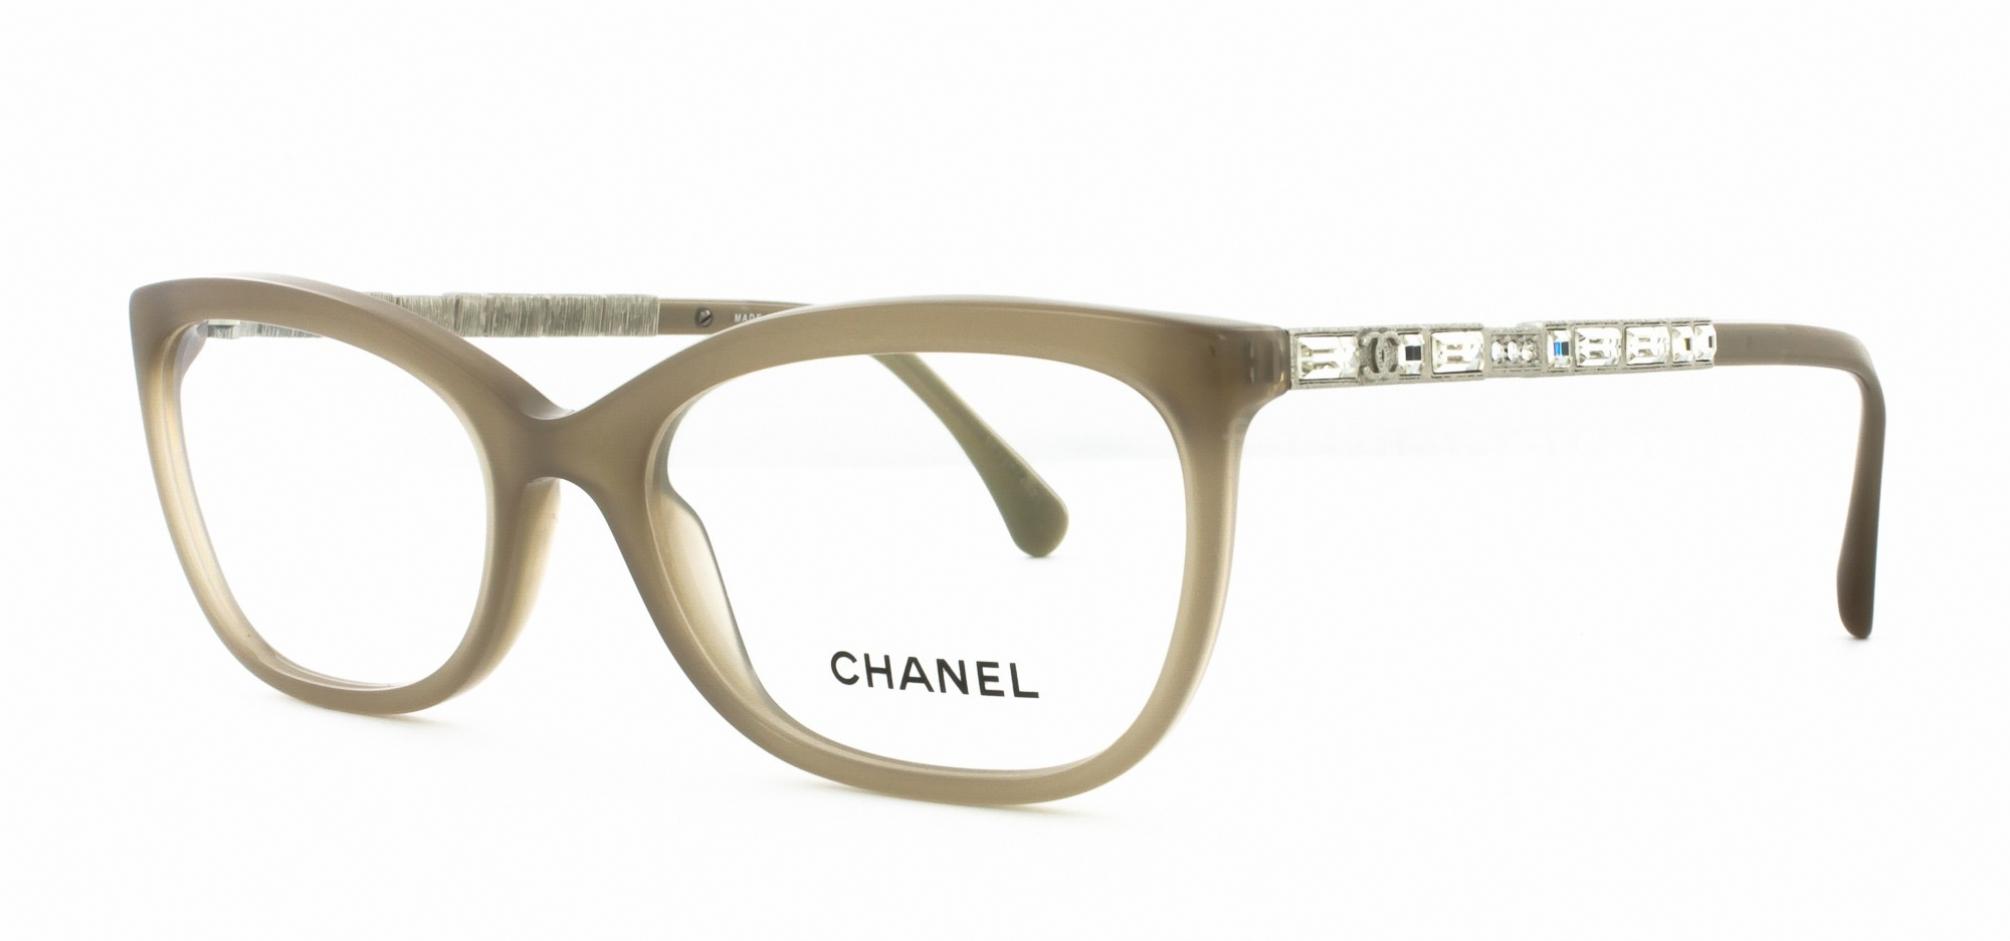 a8805de9504d Chanel 3305b Eyeglasses